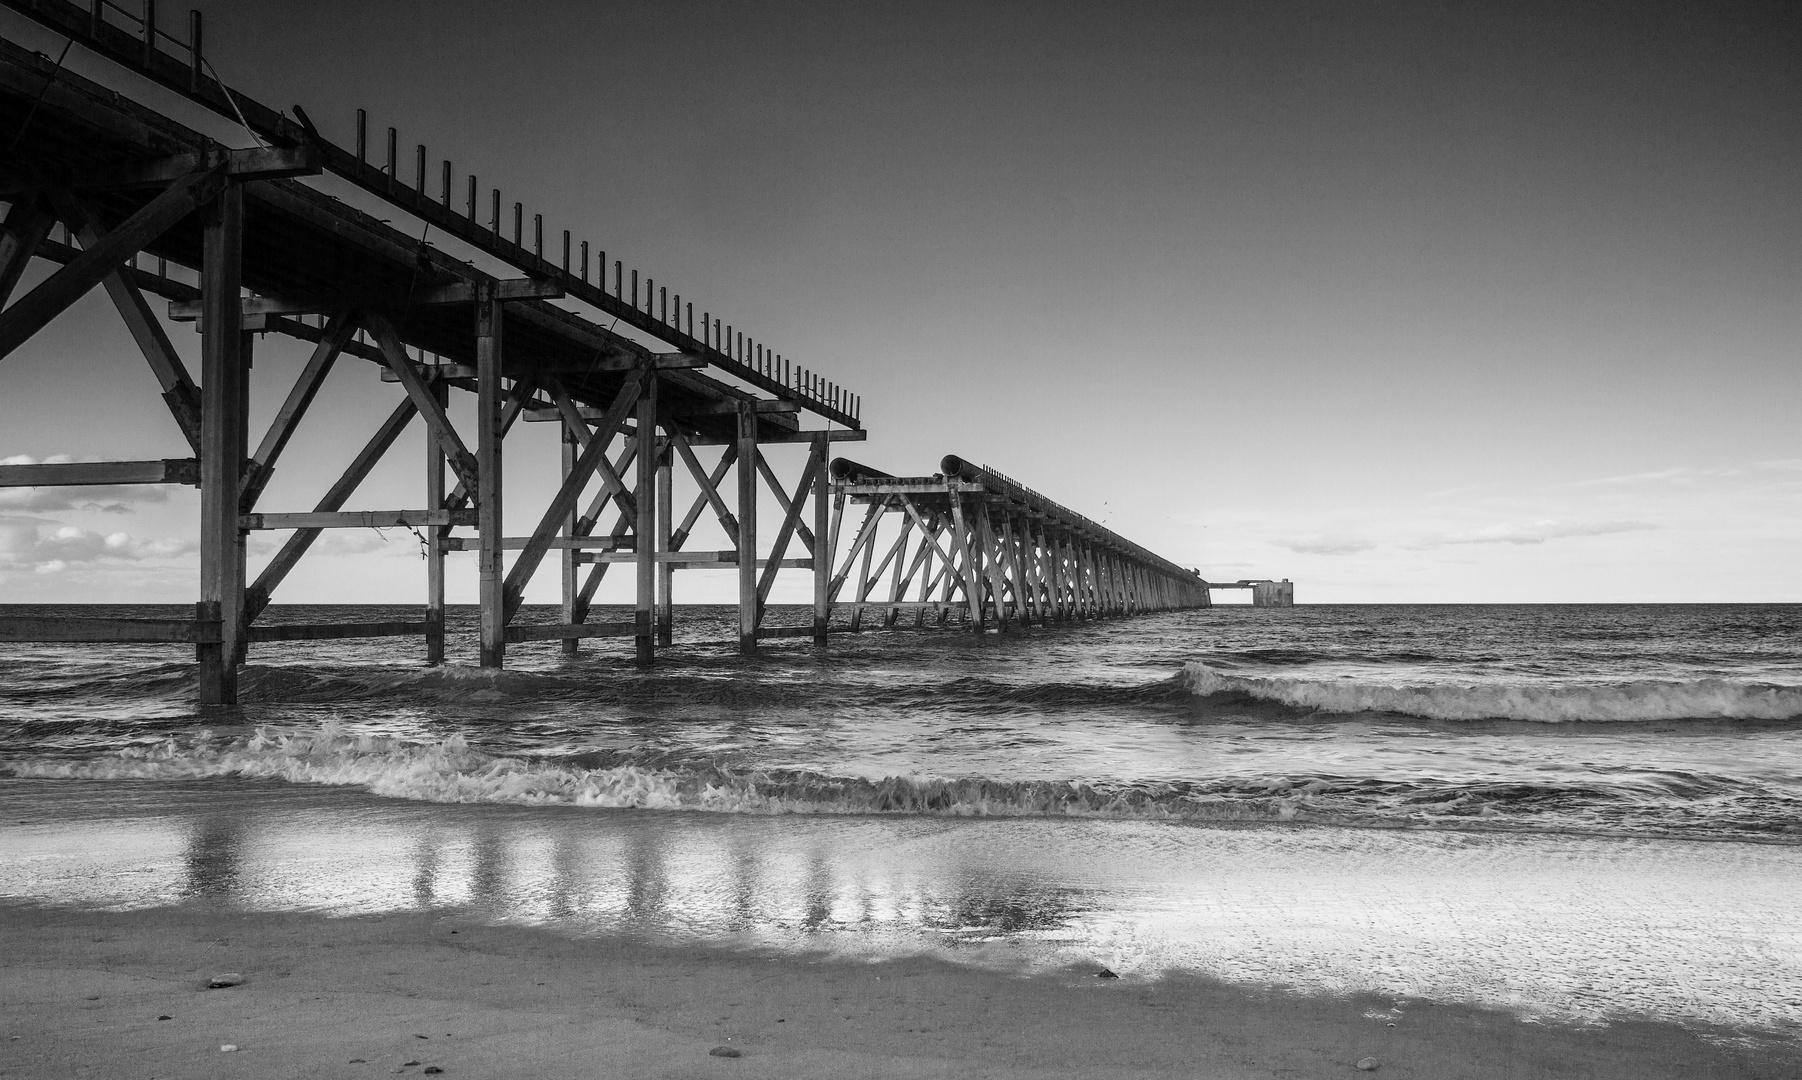 Steetley pier on the North East coast